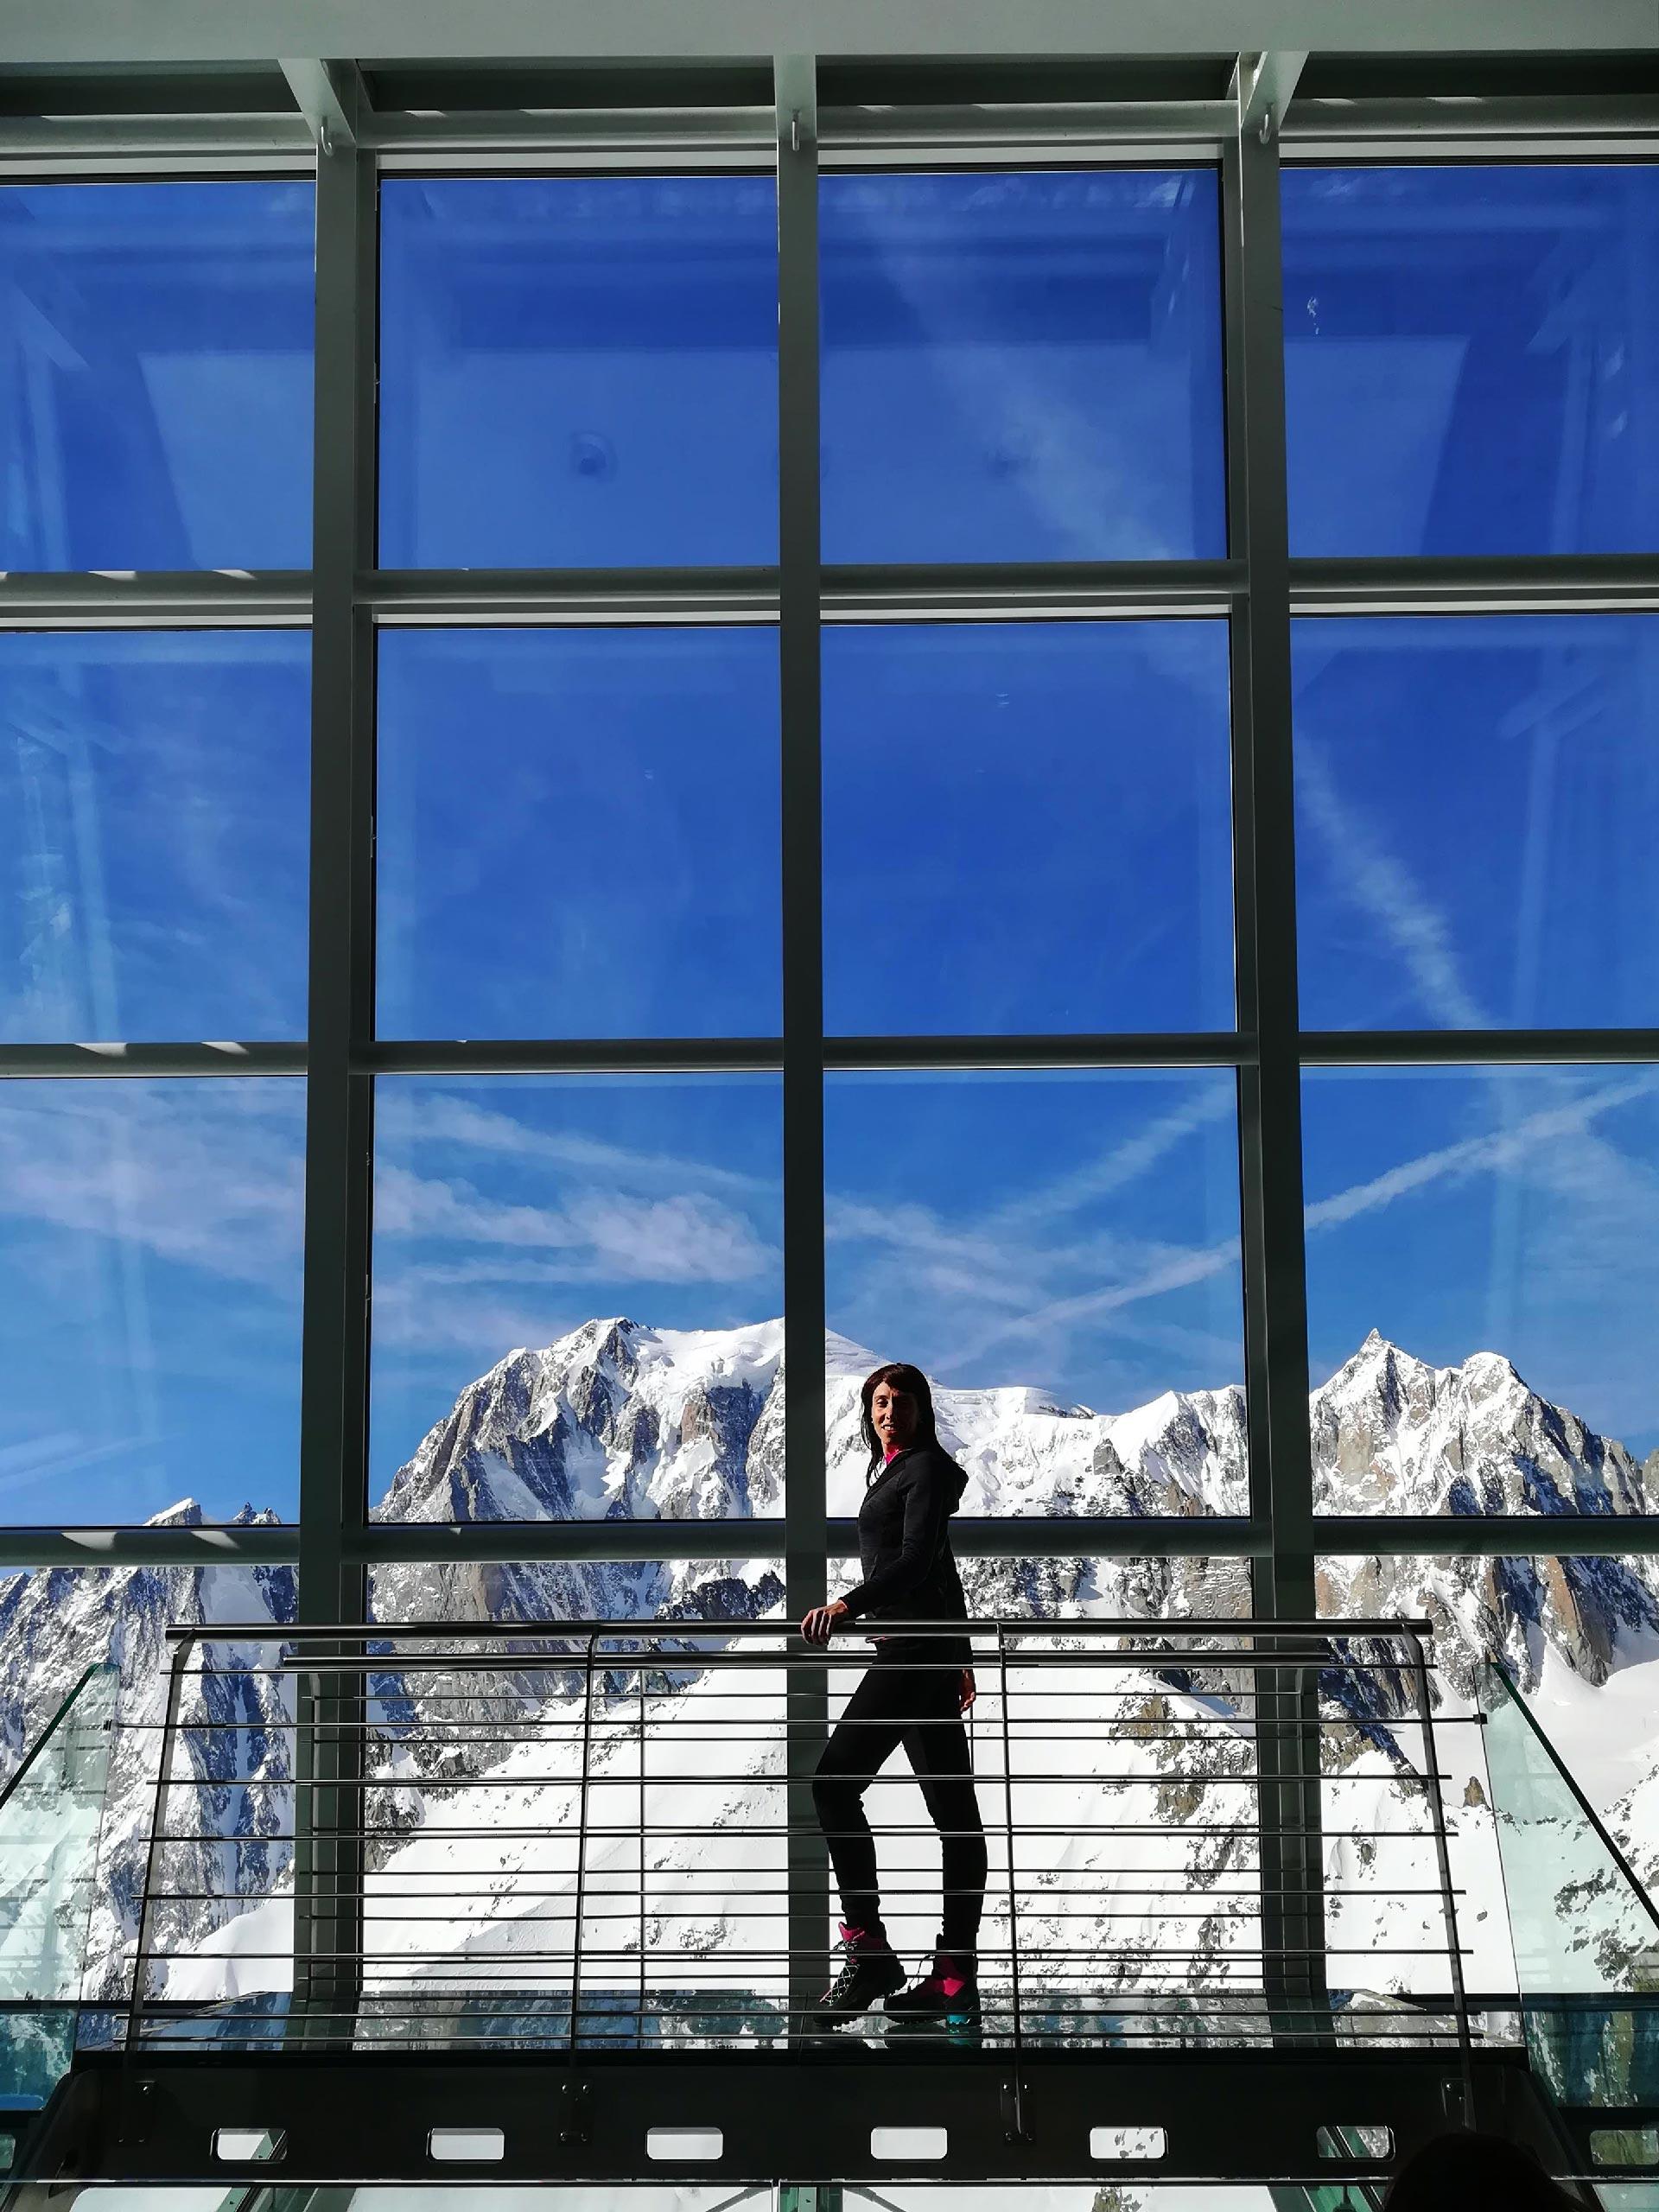 panorama sul Monte Bianco dall'interno della stazione di Punta Helbronner, particolare della vetrata, Courmayeur, Valle d'Aosta